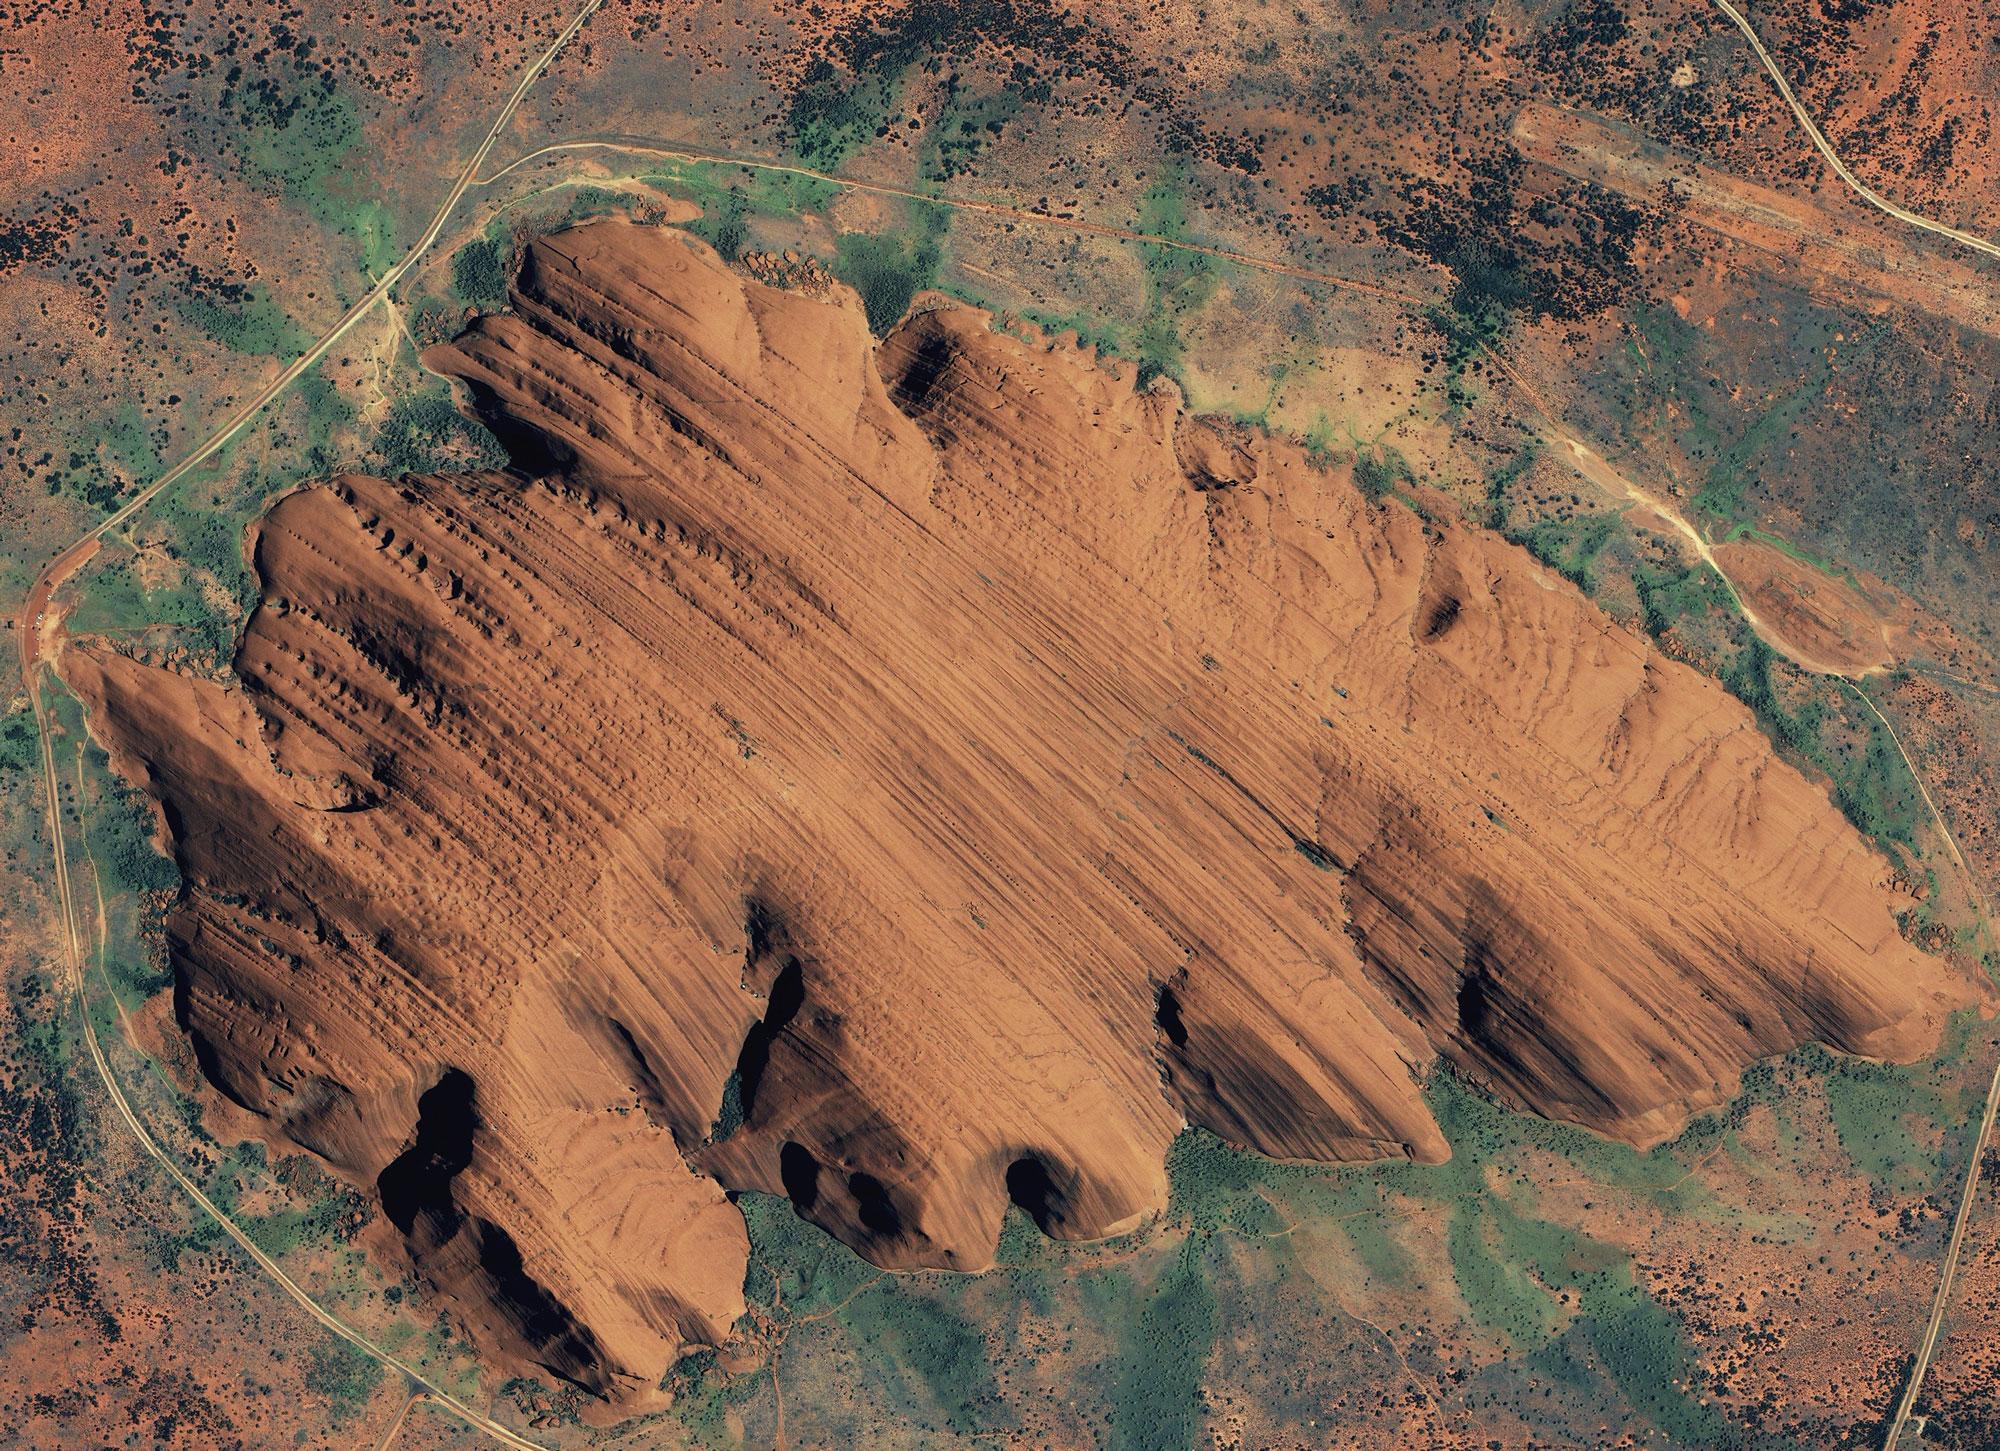 Ayers Rock Uluru from space